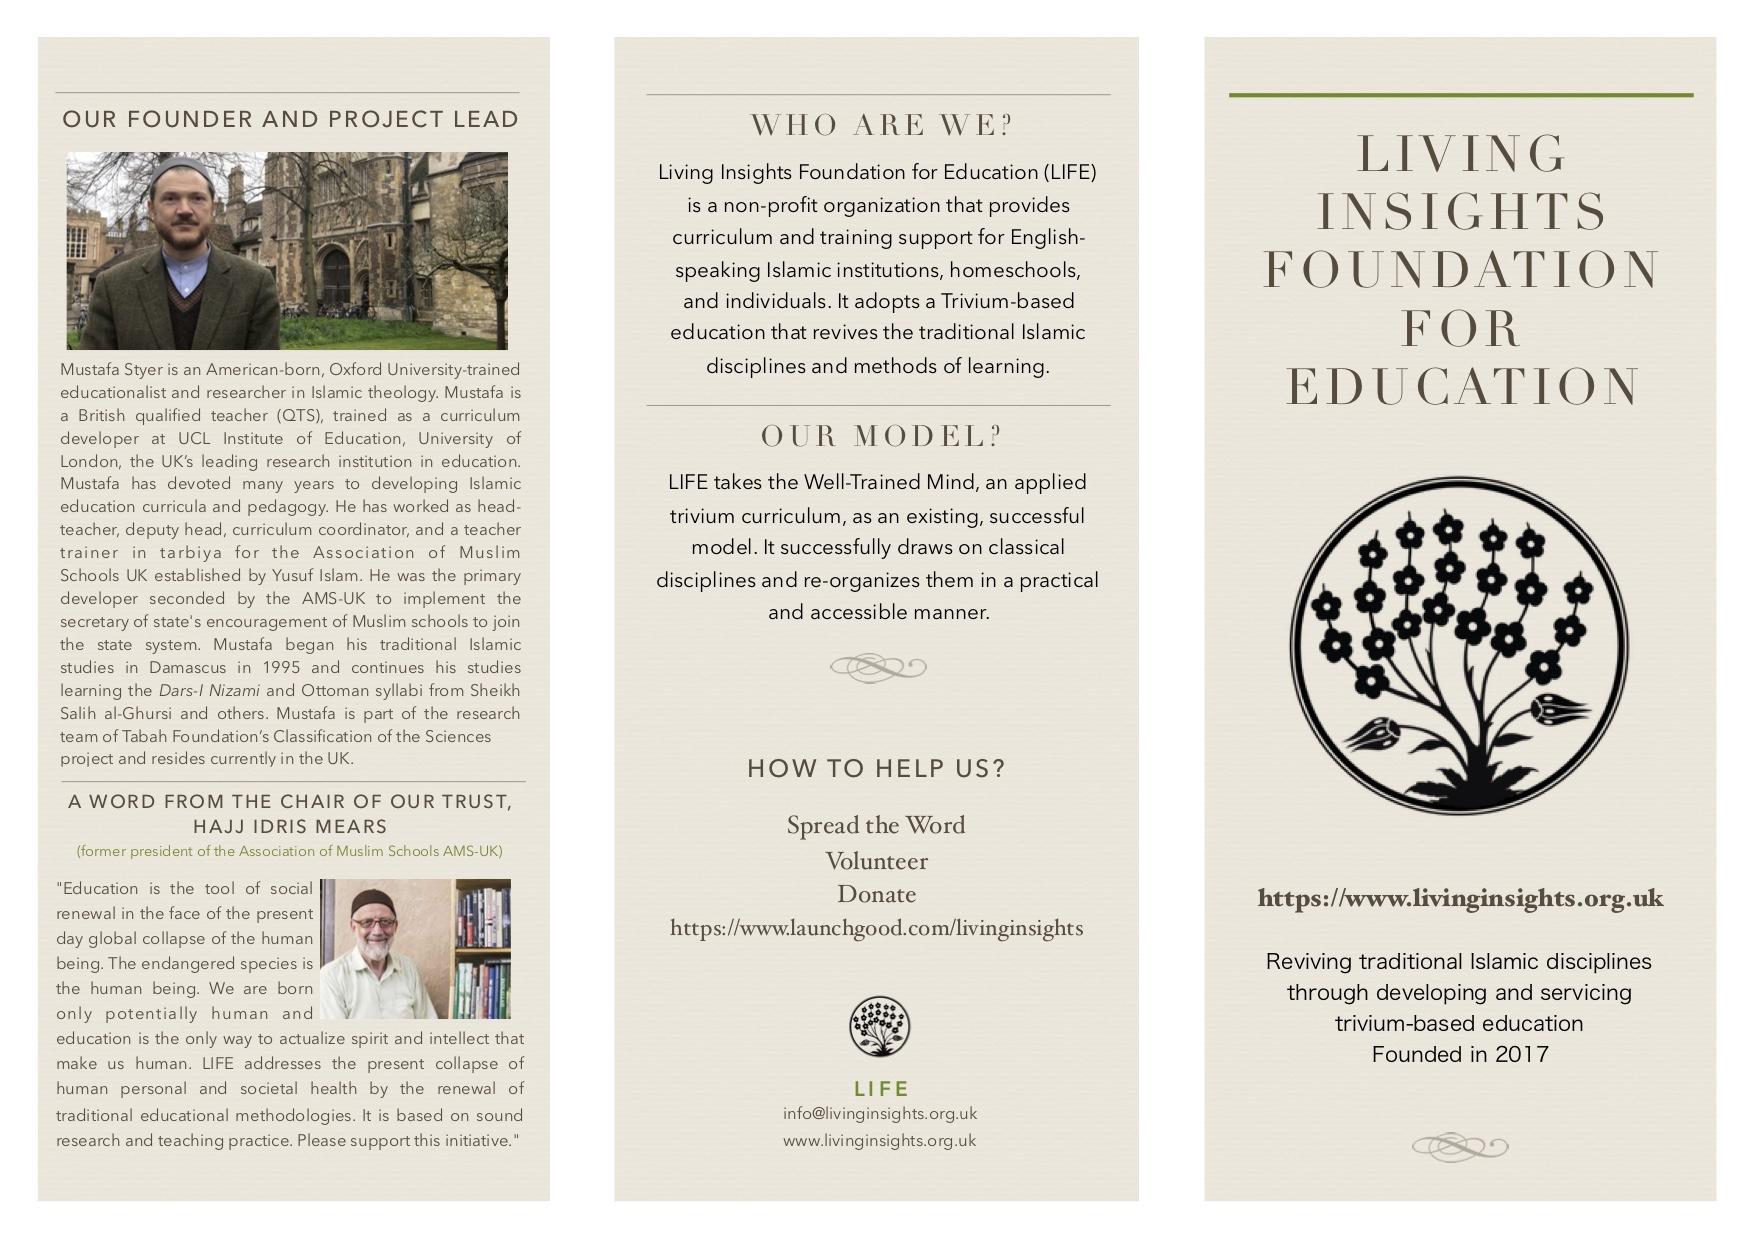 life brochure (front).jpg